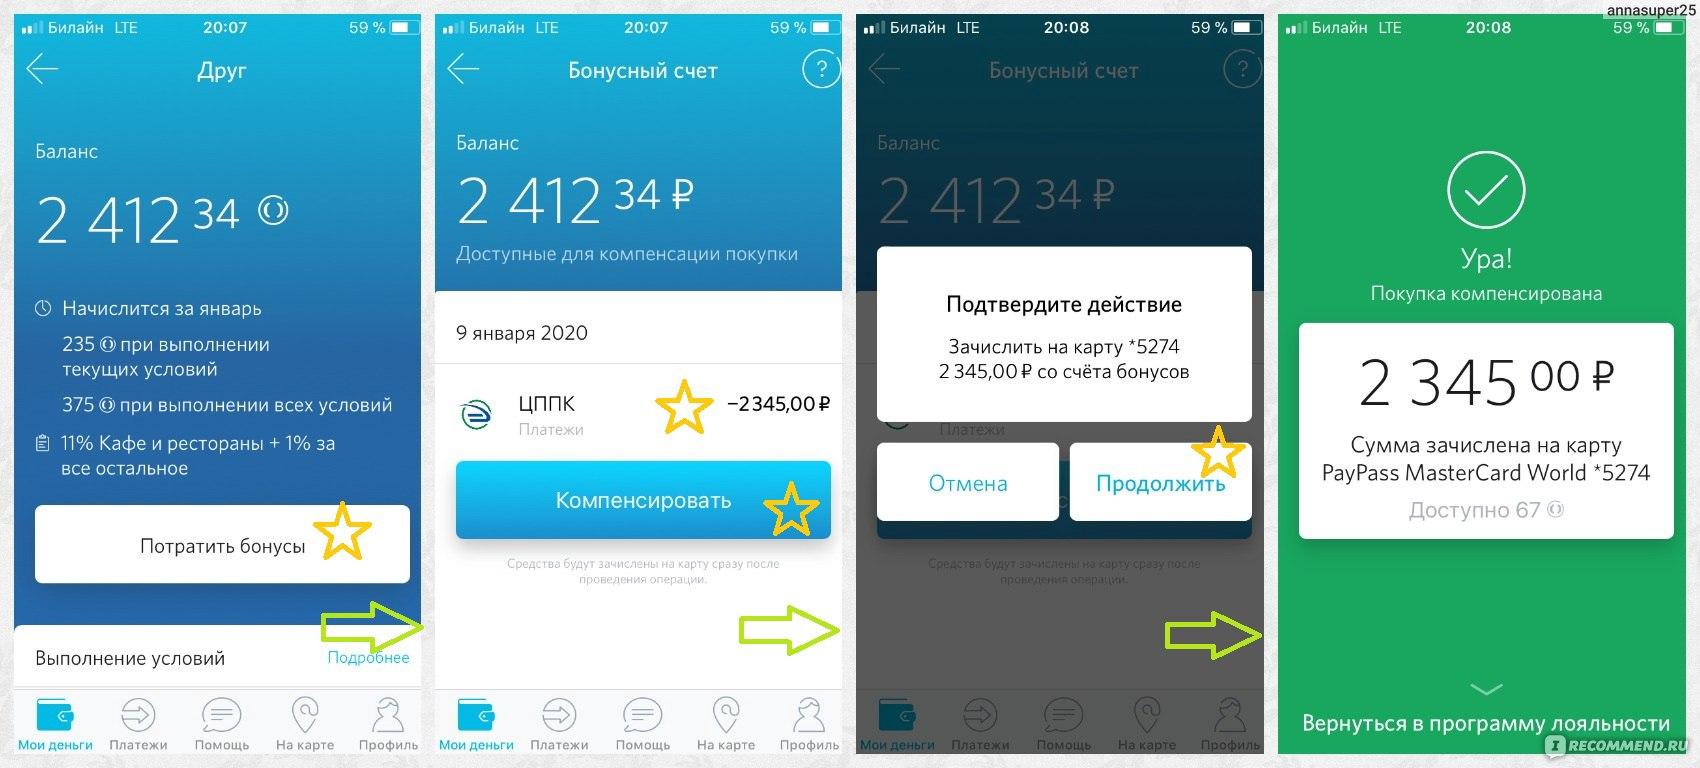 дебетовая карта opencard открытие банк отзывыкредит на 10 тысяч рублей в сбербанке